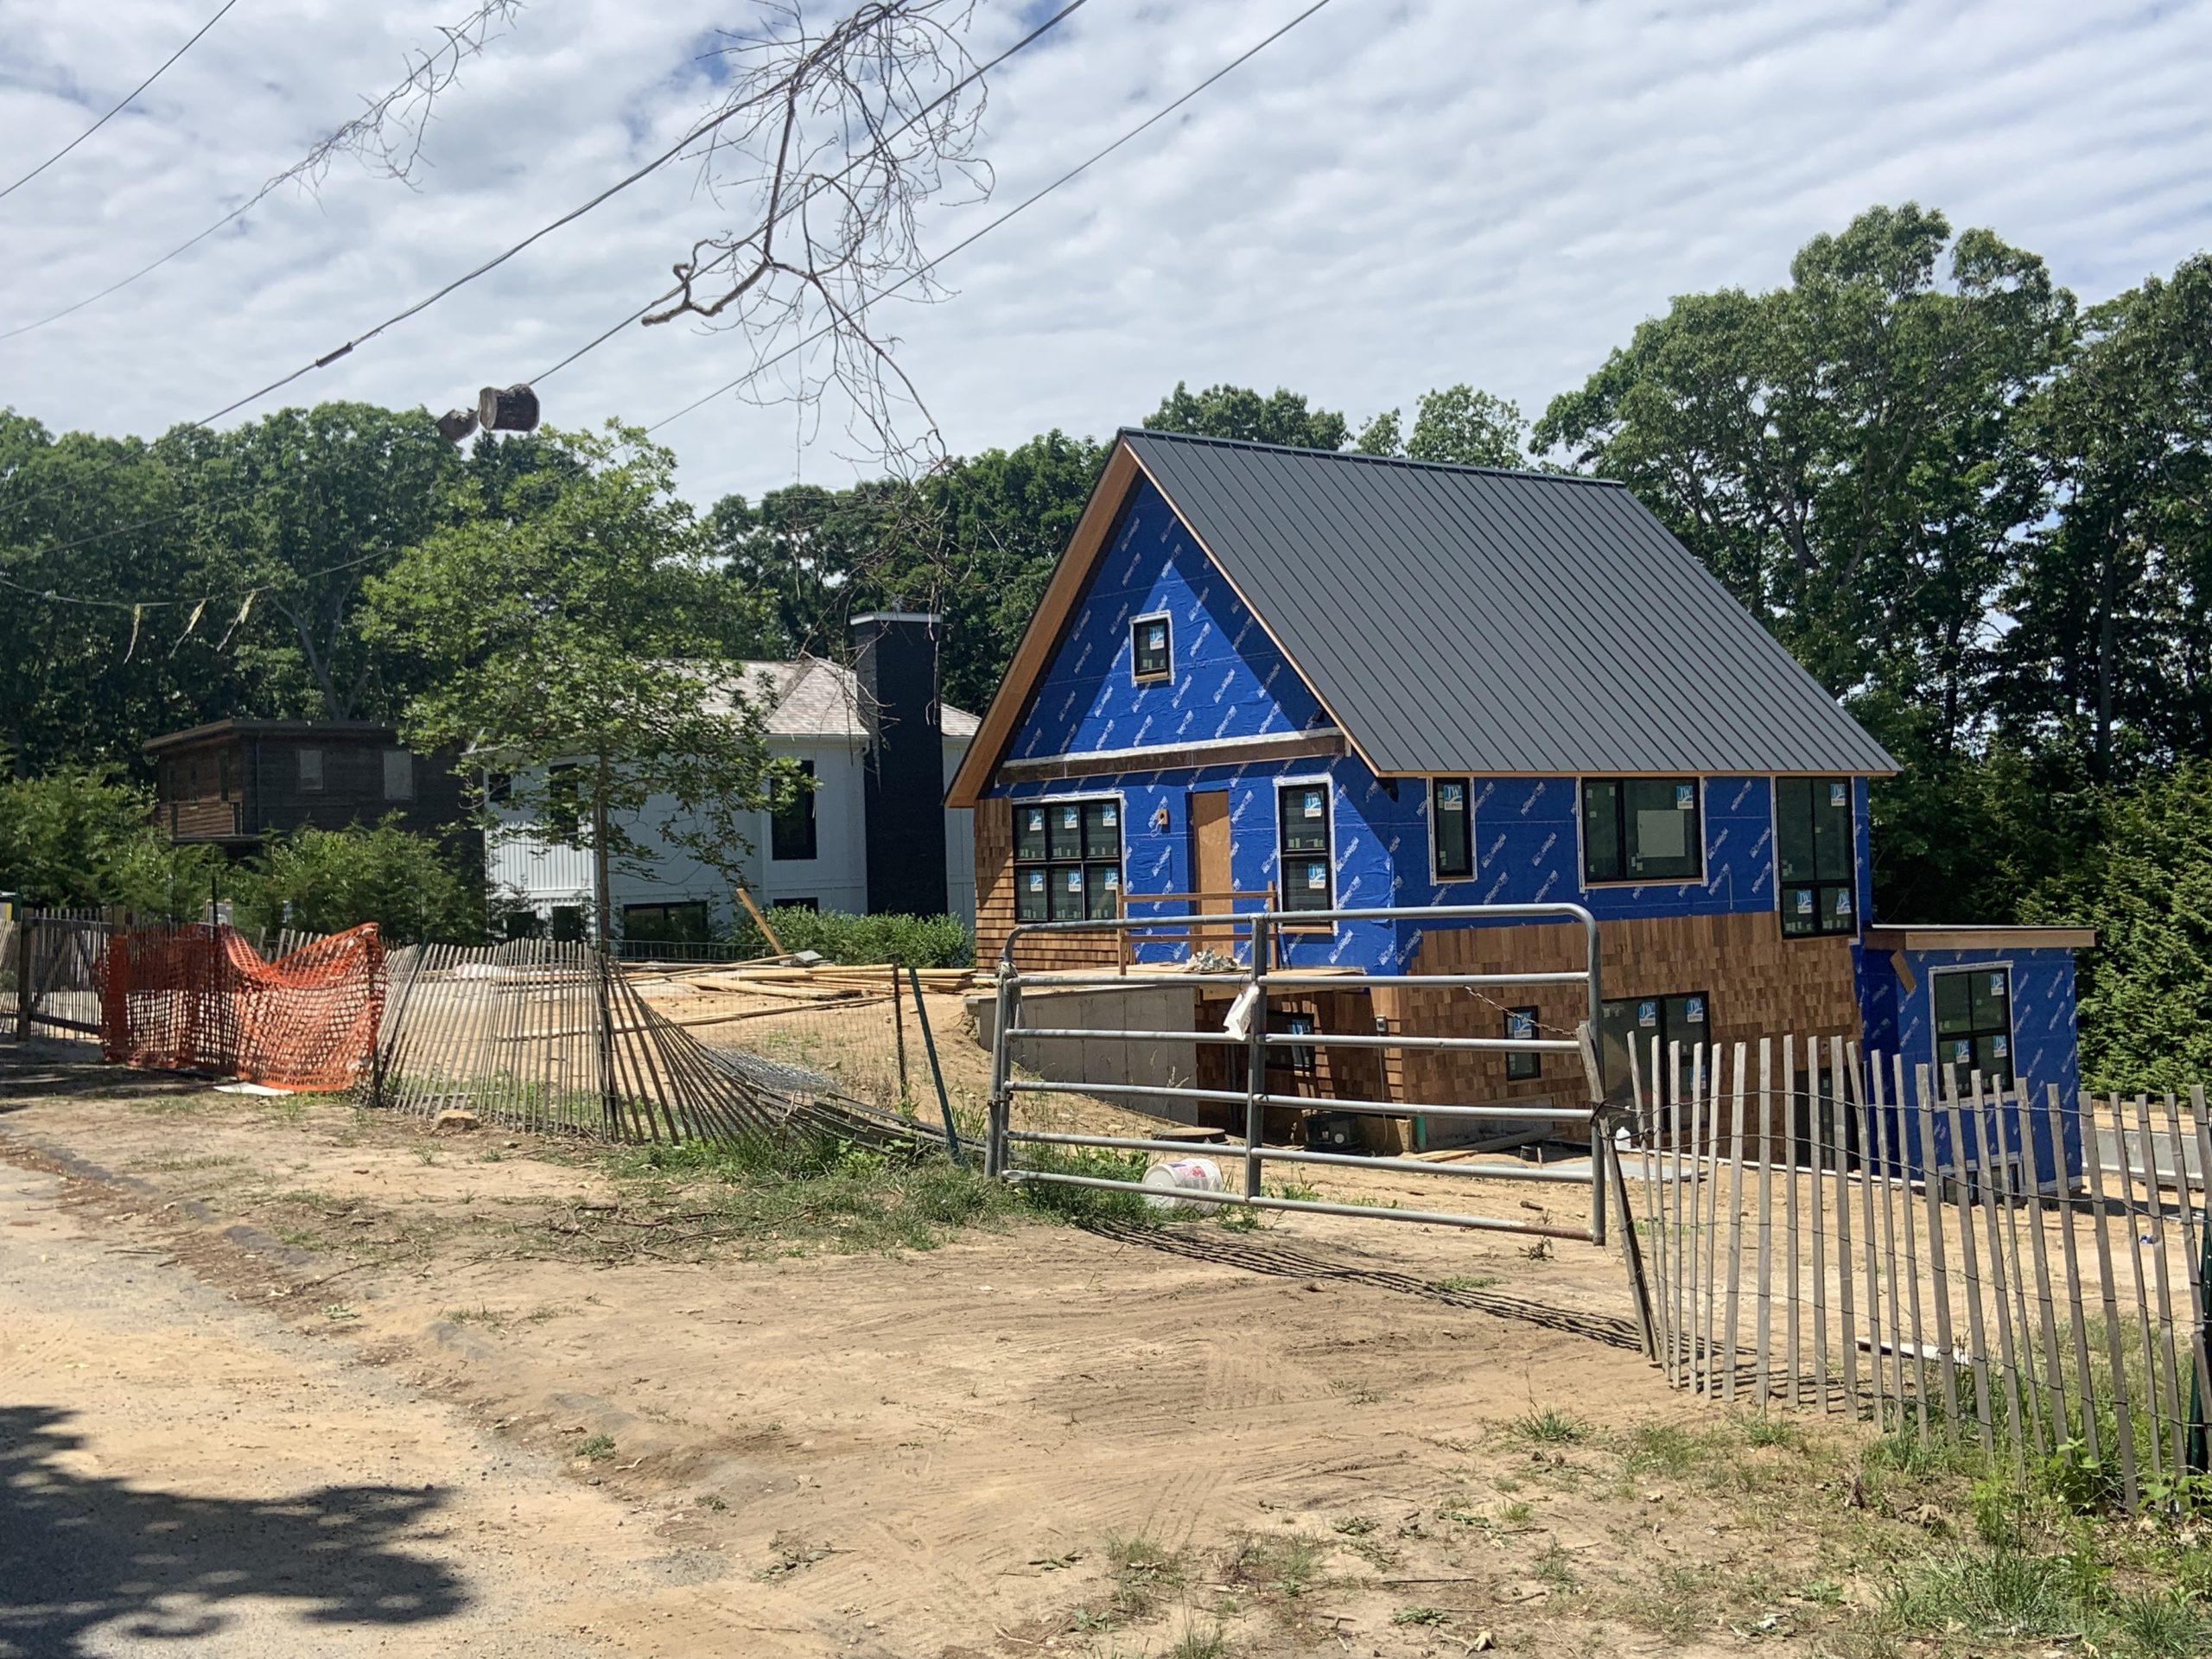 New construction on Gull Rock Road in the Sag Harbor Hills neighborhood of Sag Harbor. STEPHEN J. KOTZ